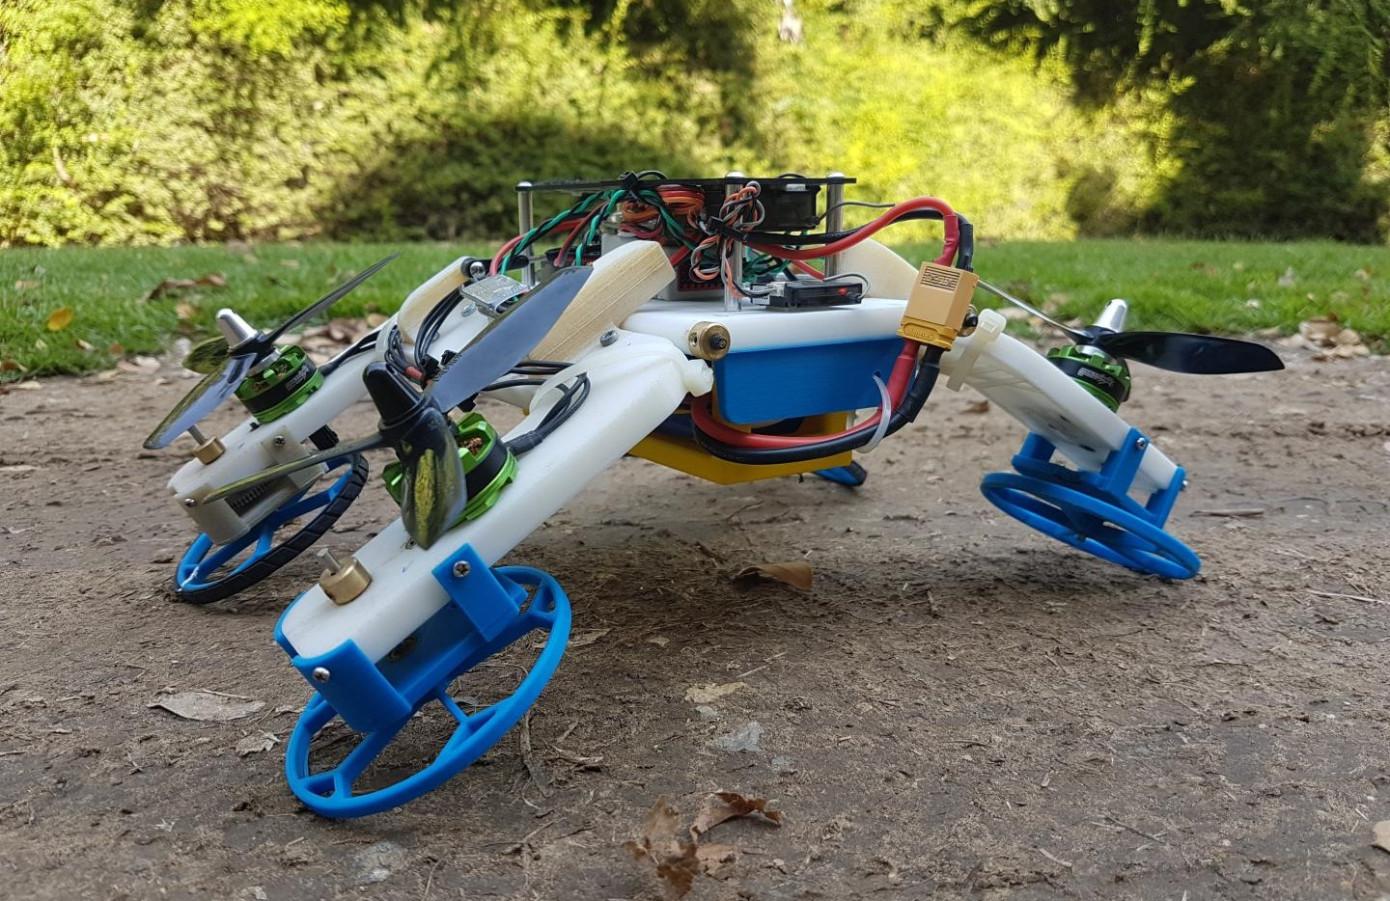 厉害了,这个机器人不仅能跑还能飞!